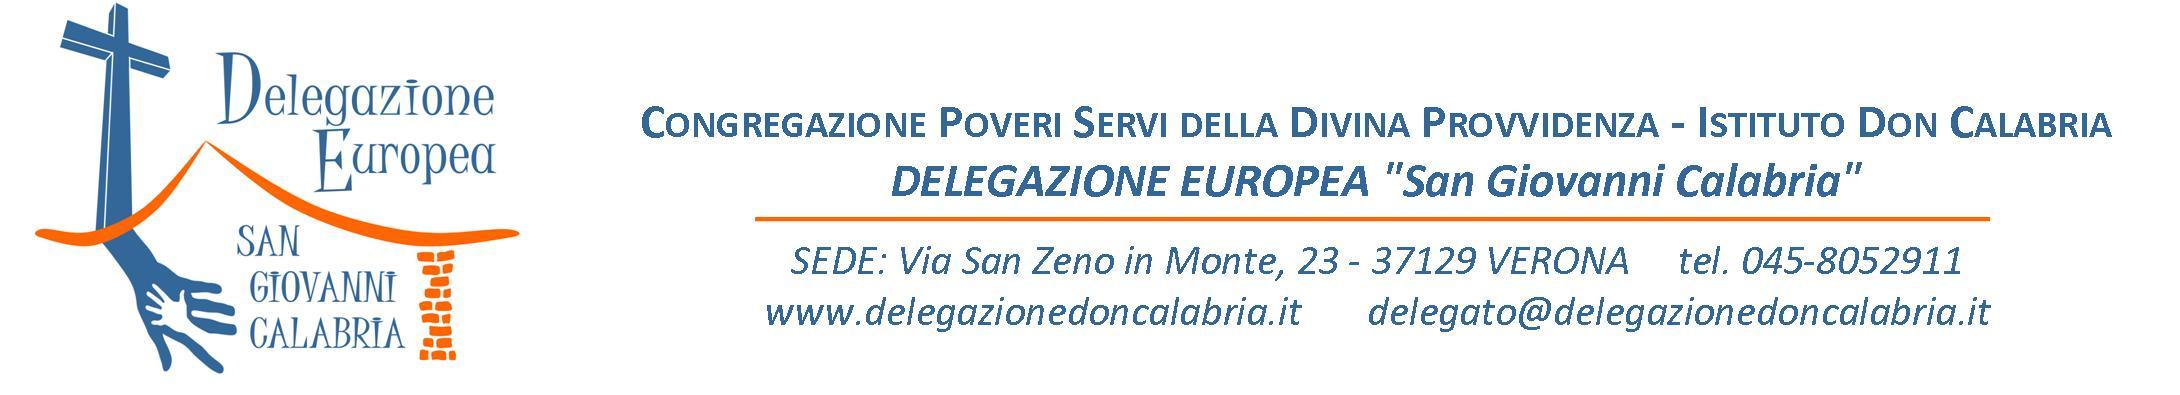 Delegazione Europea San Giovanni Calabria logo